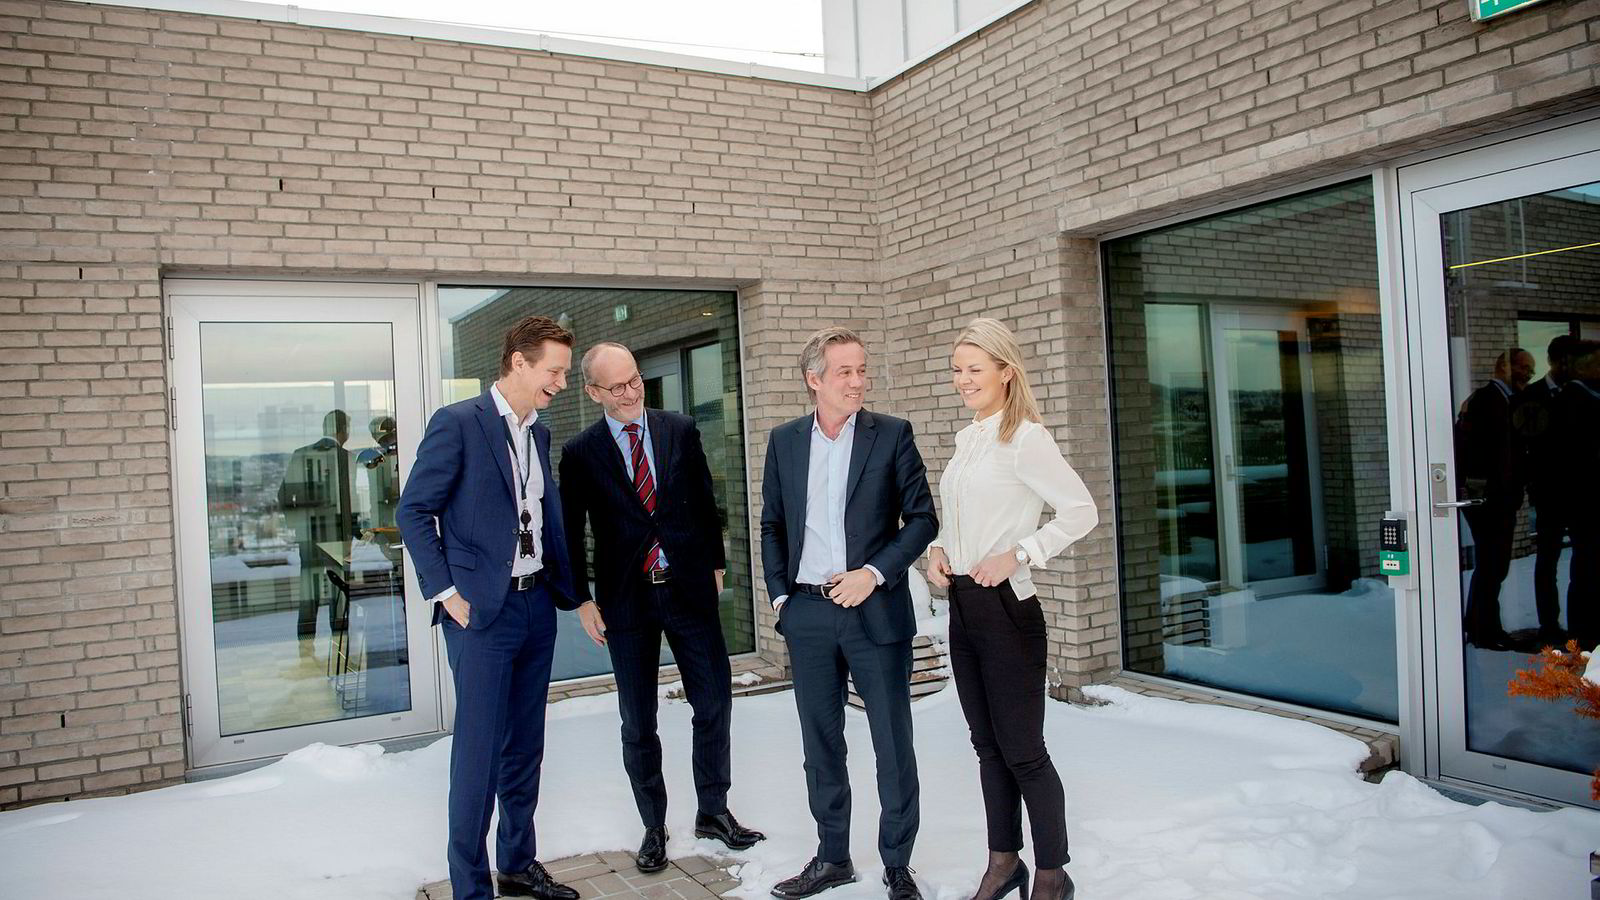 DNBs juridiske direktør Audun Moen (fra venstre), administrerende partner Finn Bjørnstad i Wikborg Rein, administrerende partner Morten Goller i Wiersholm og DNB-advokat Line Bøhn Hagen er nye hovedsamarbeidspartnere.